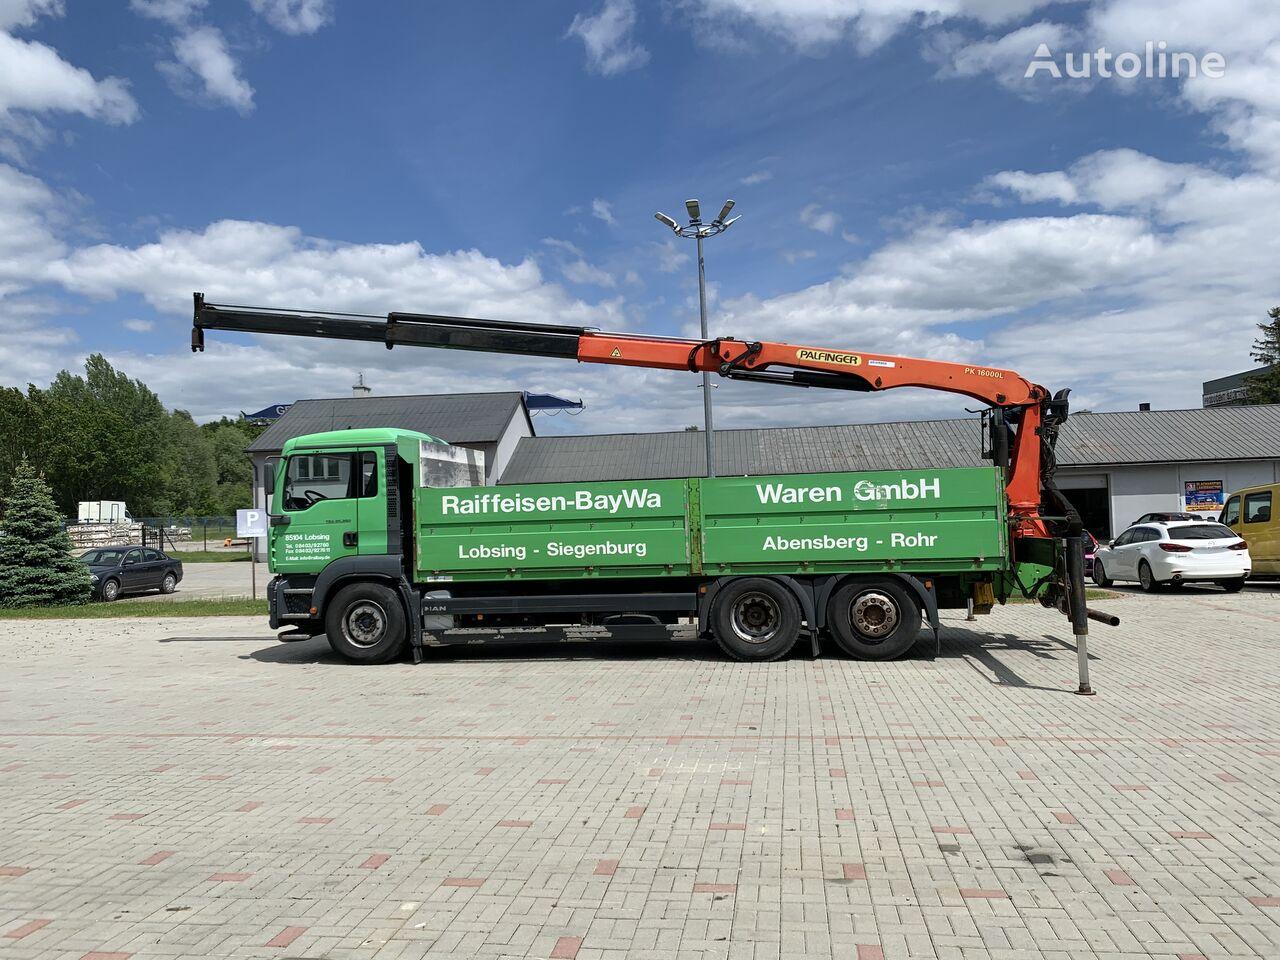 MAN TGA 26.350 Palfinger 16000L TOP flatbed truck